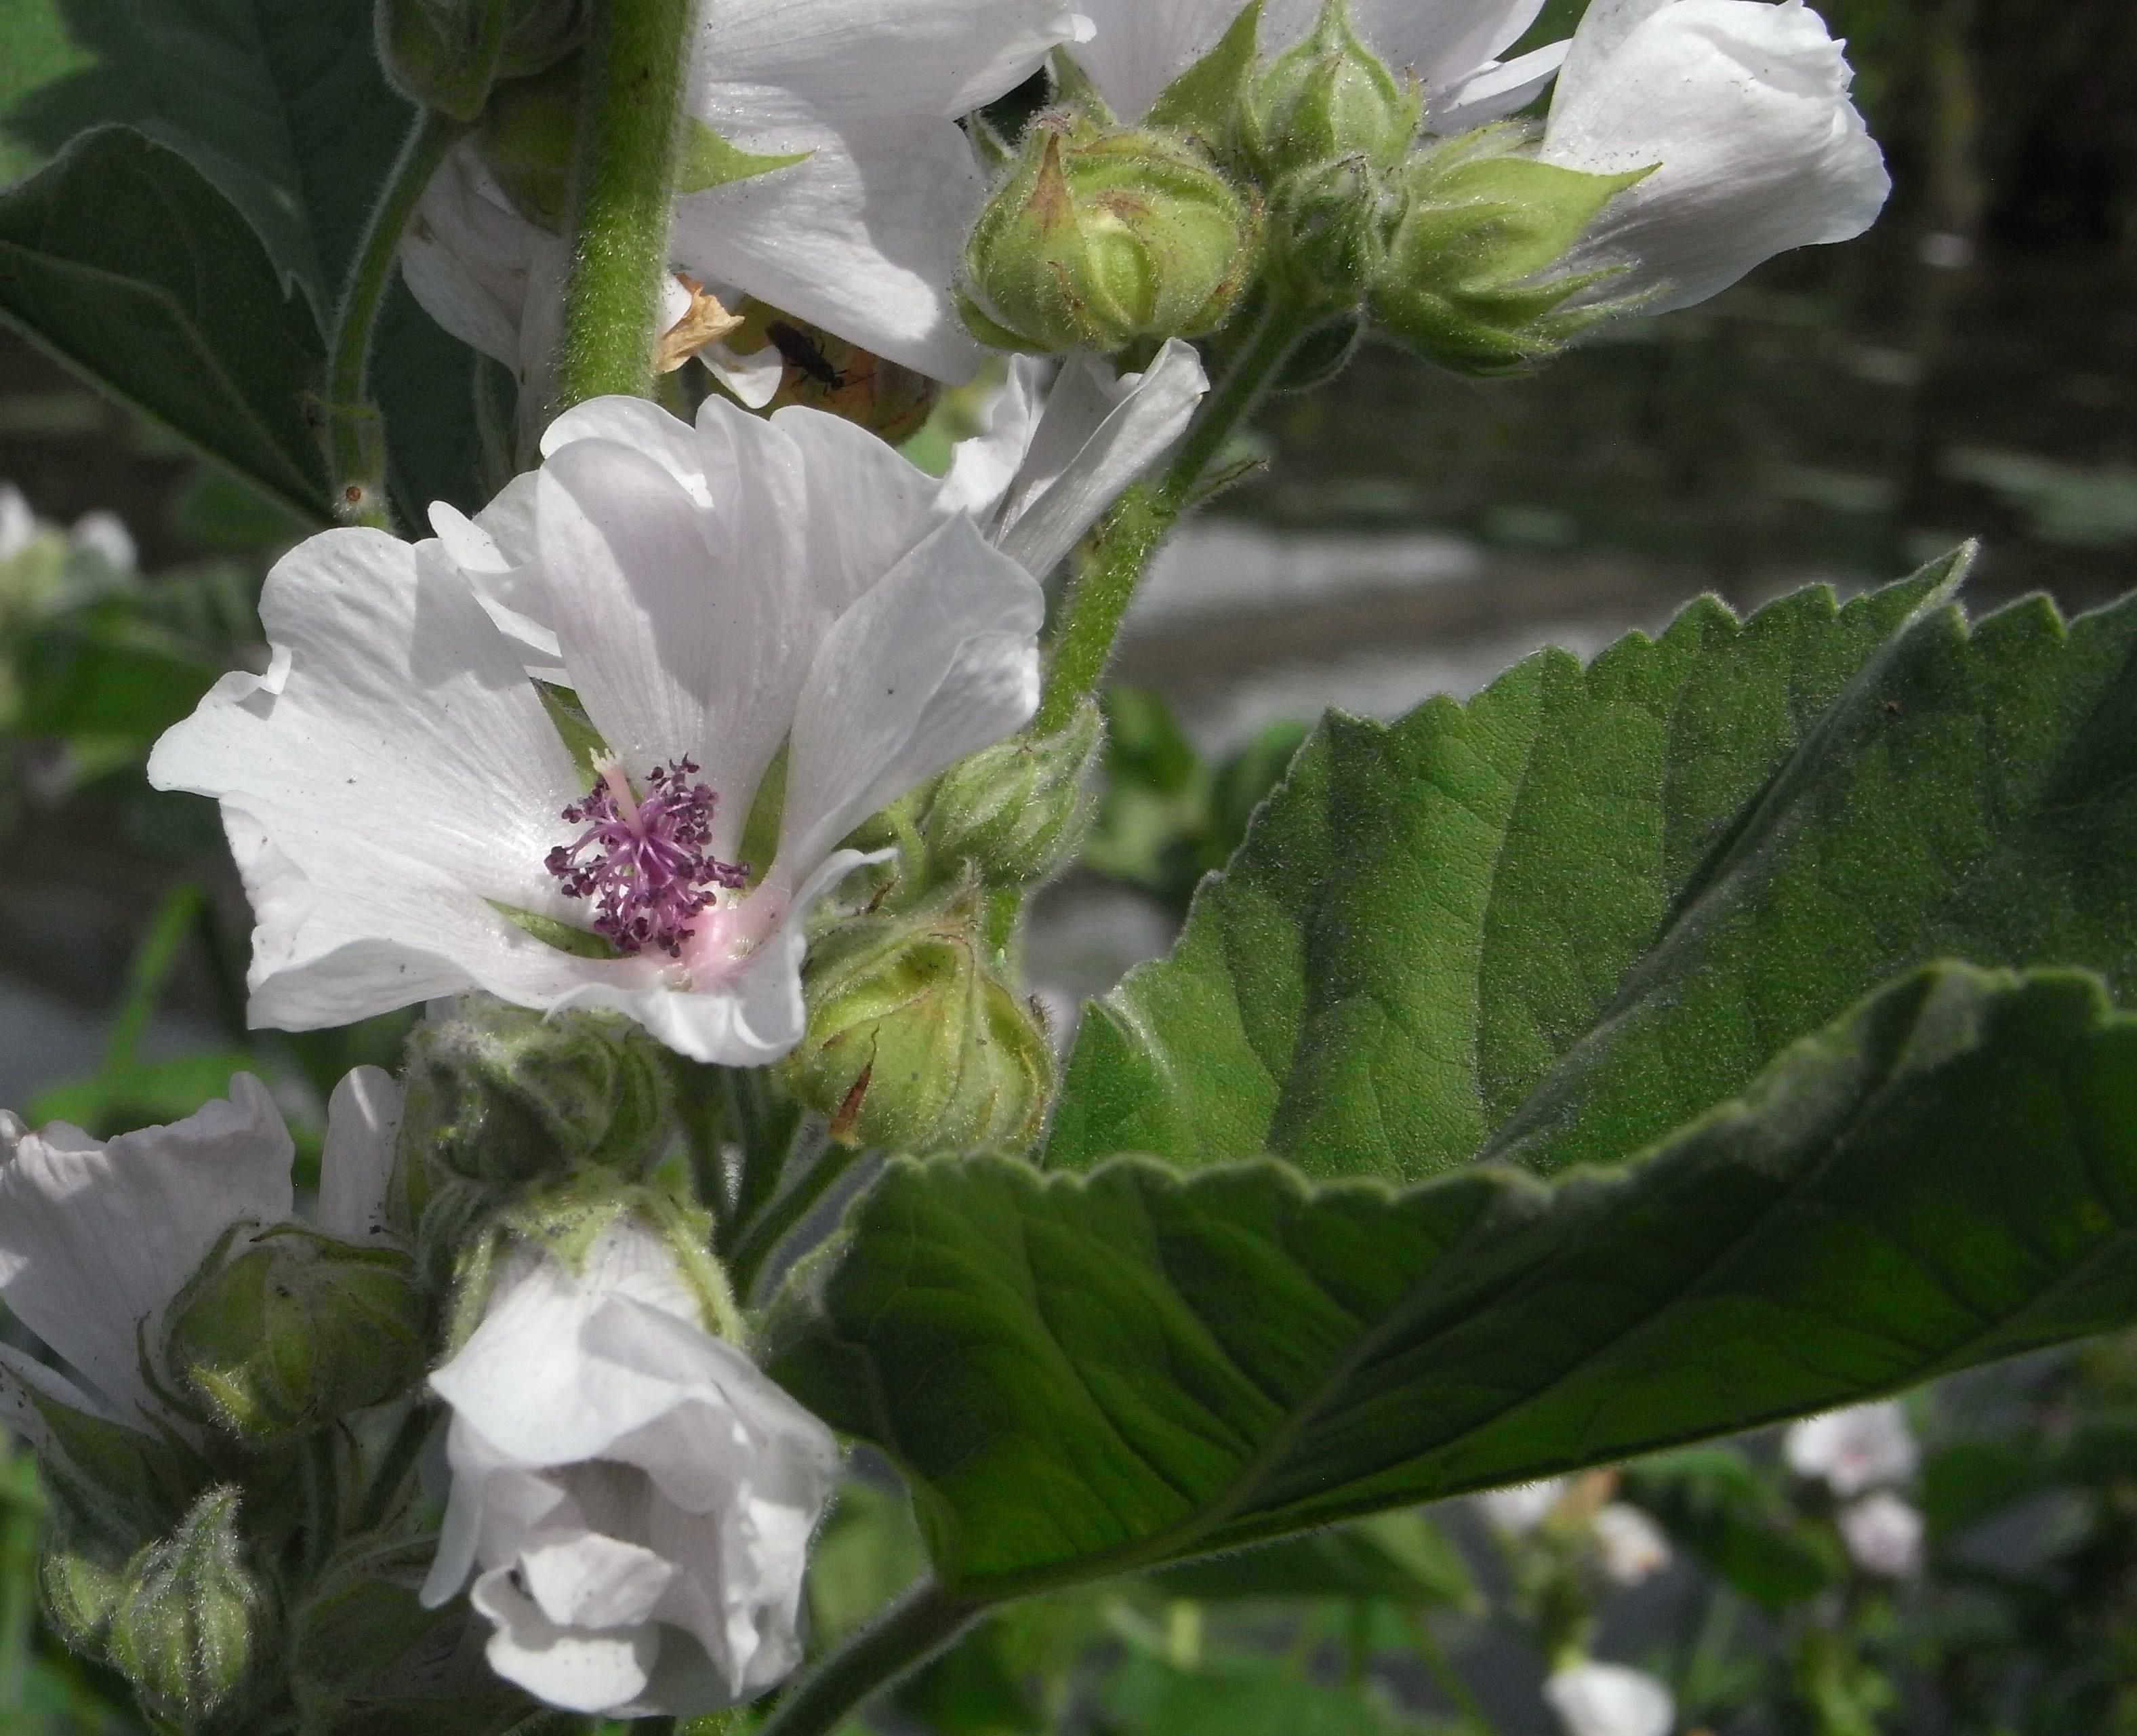 ** blauglockenbaum paulonia tomentosa ** Hiver Rude gartenbaum hautes en couleur